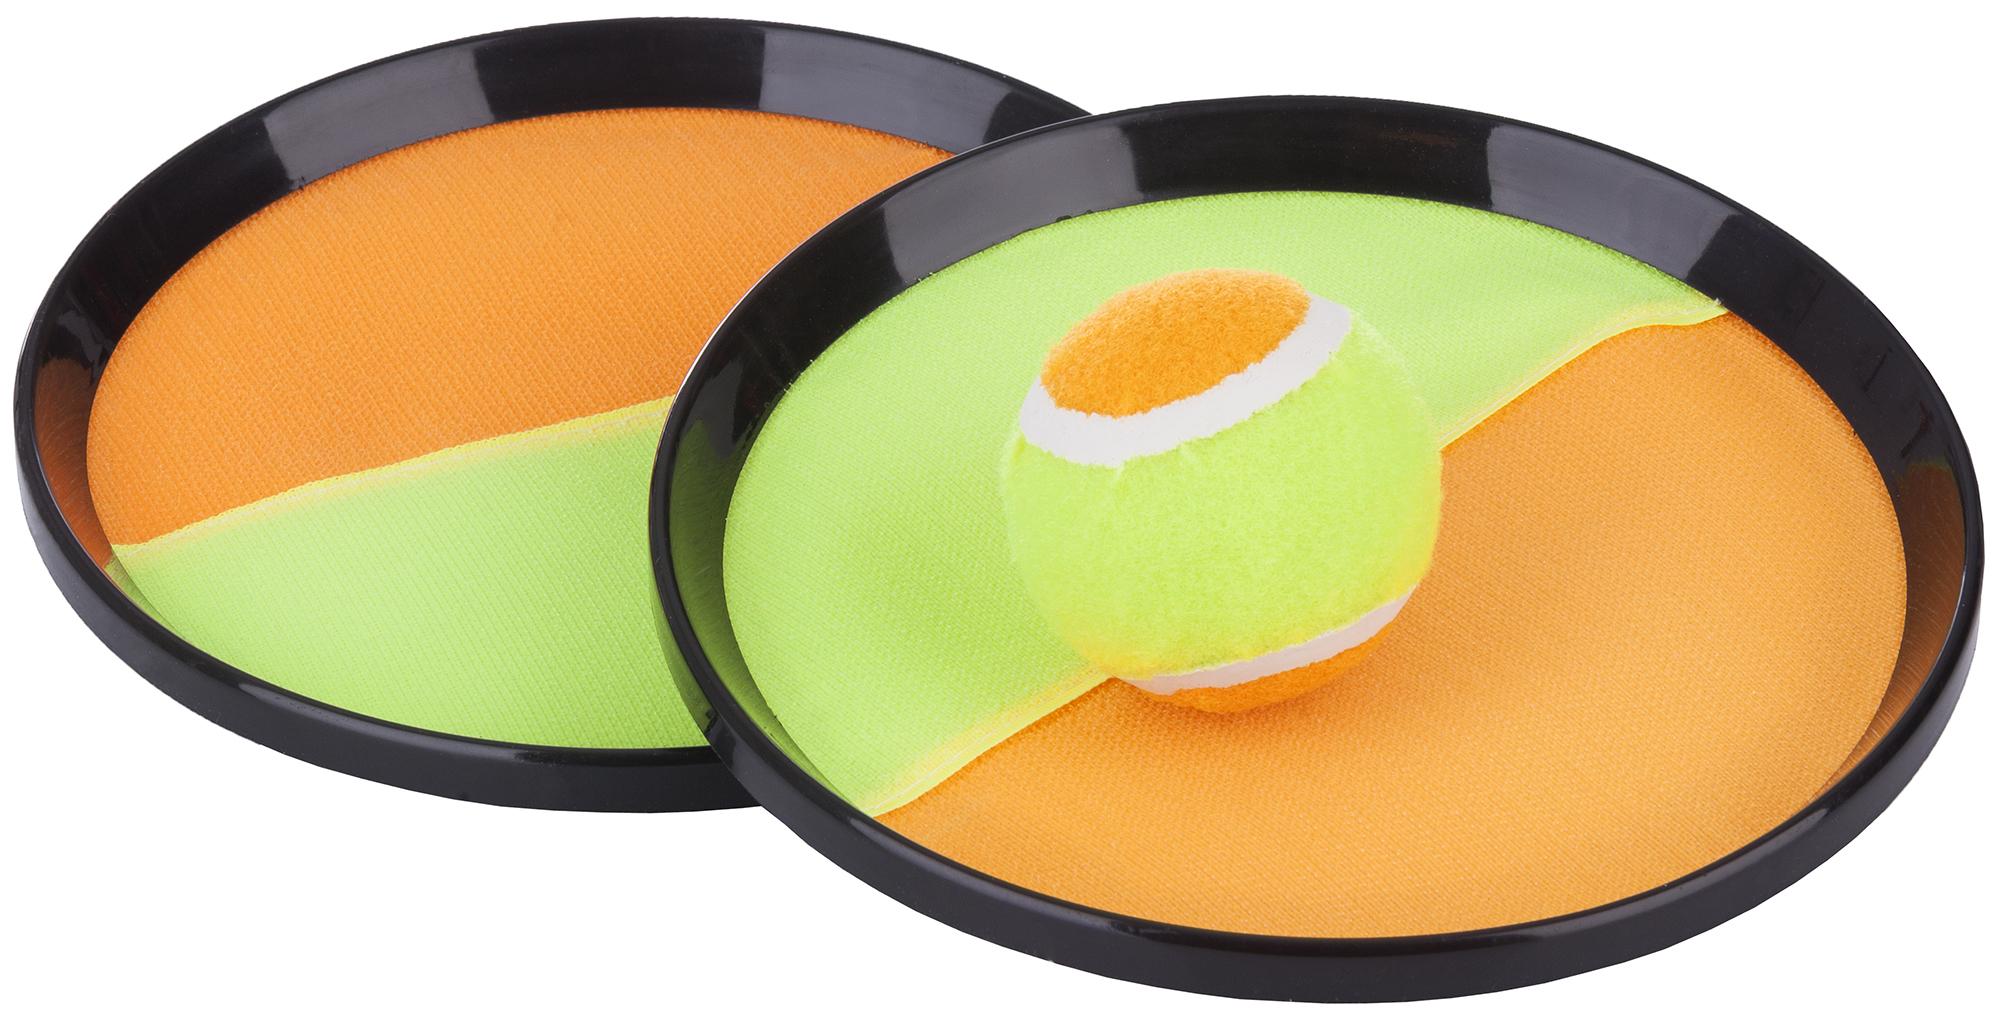 цена на Torneo Набор с тарелками-ловушками и мячиком Torneo Magic Catchball